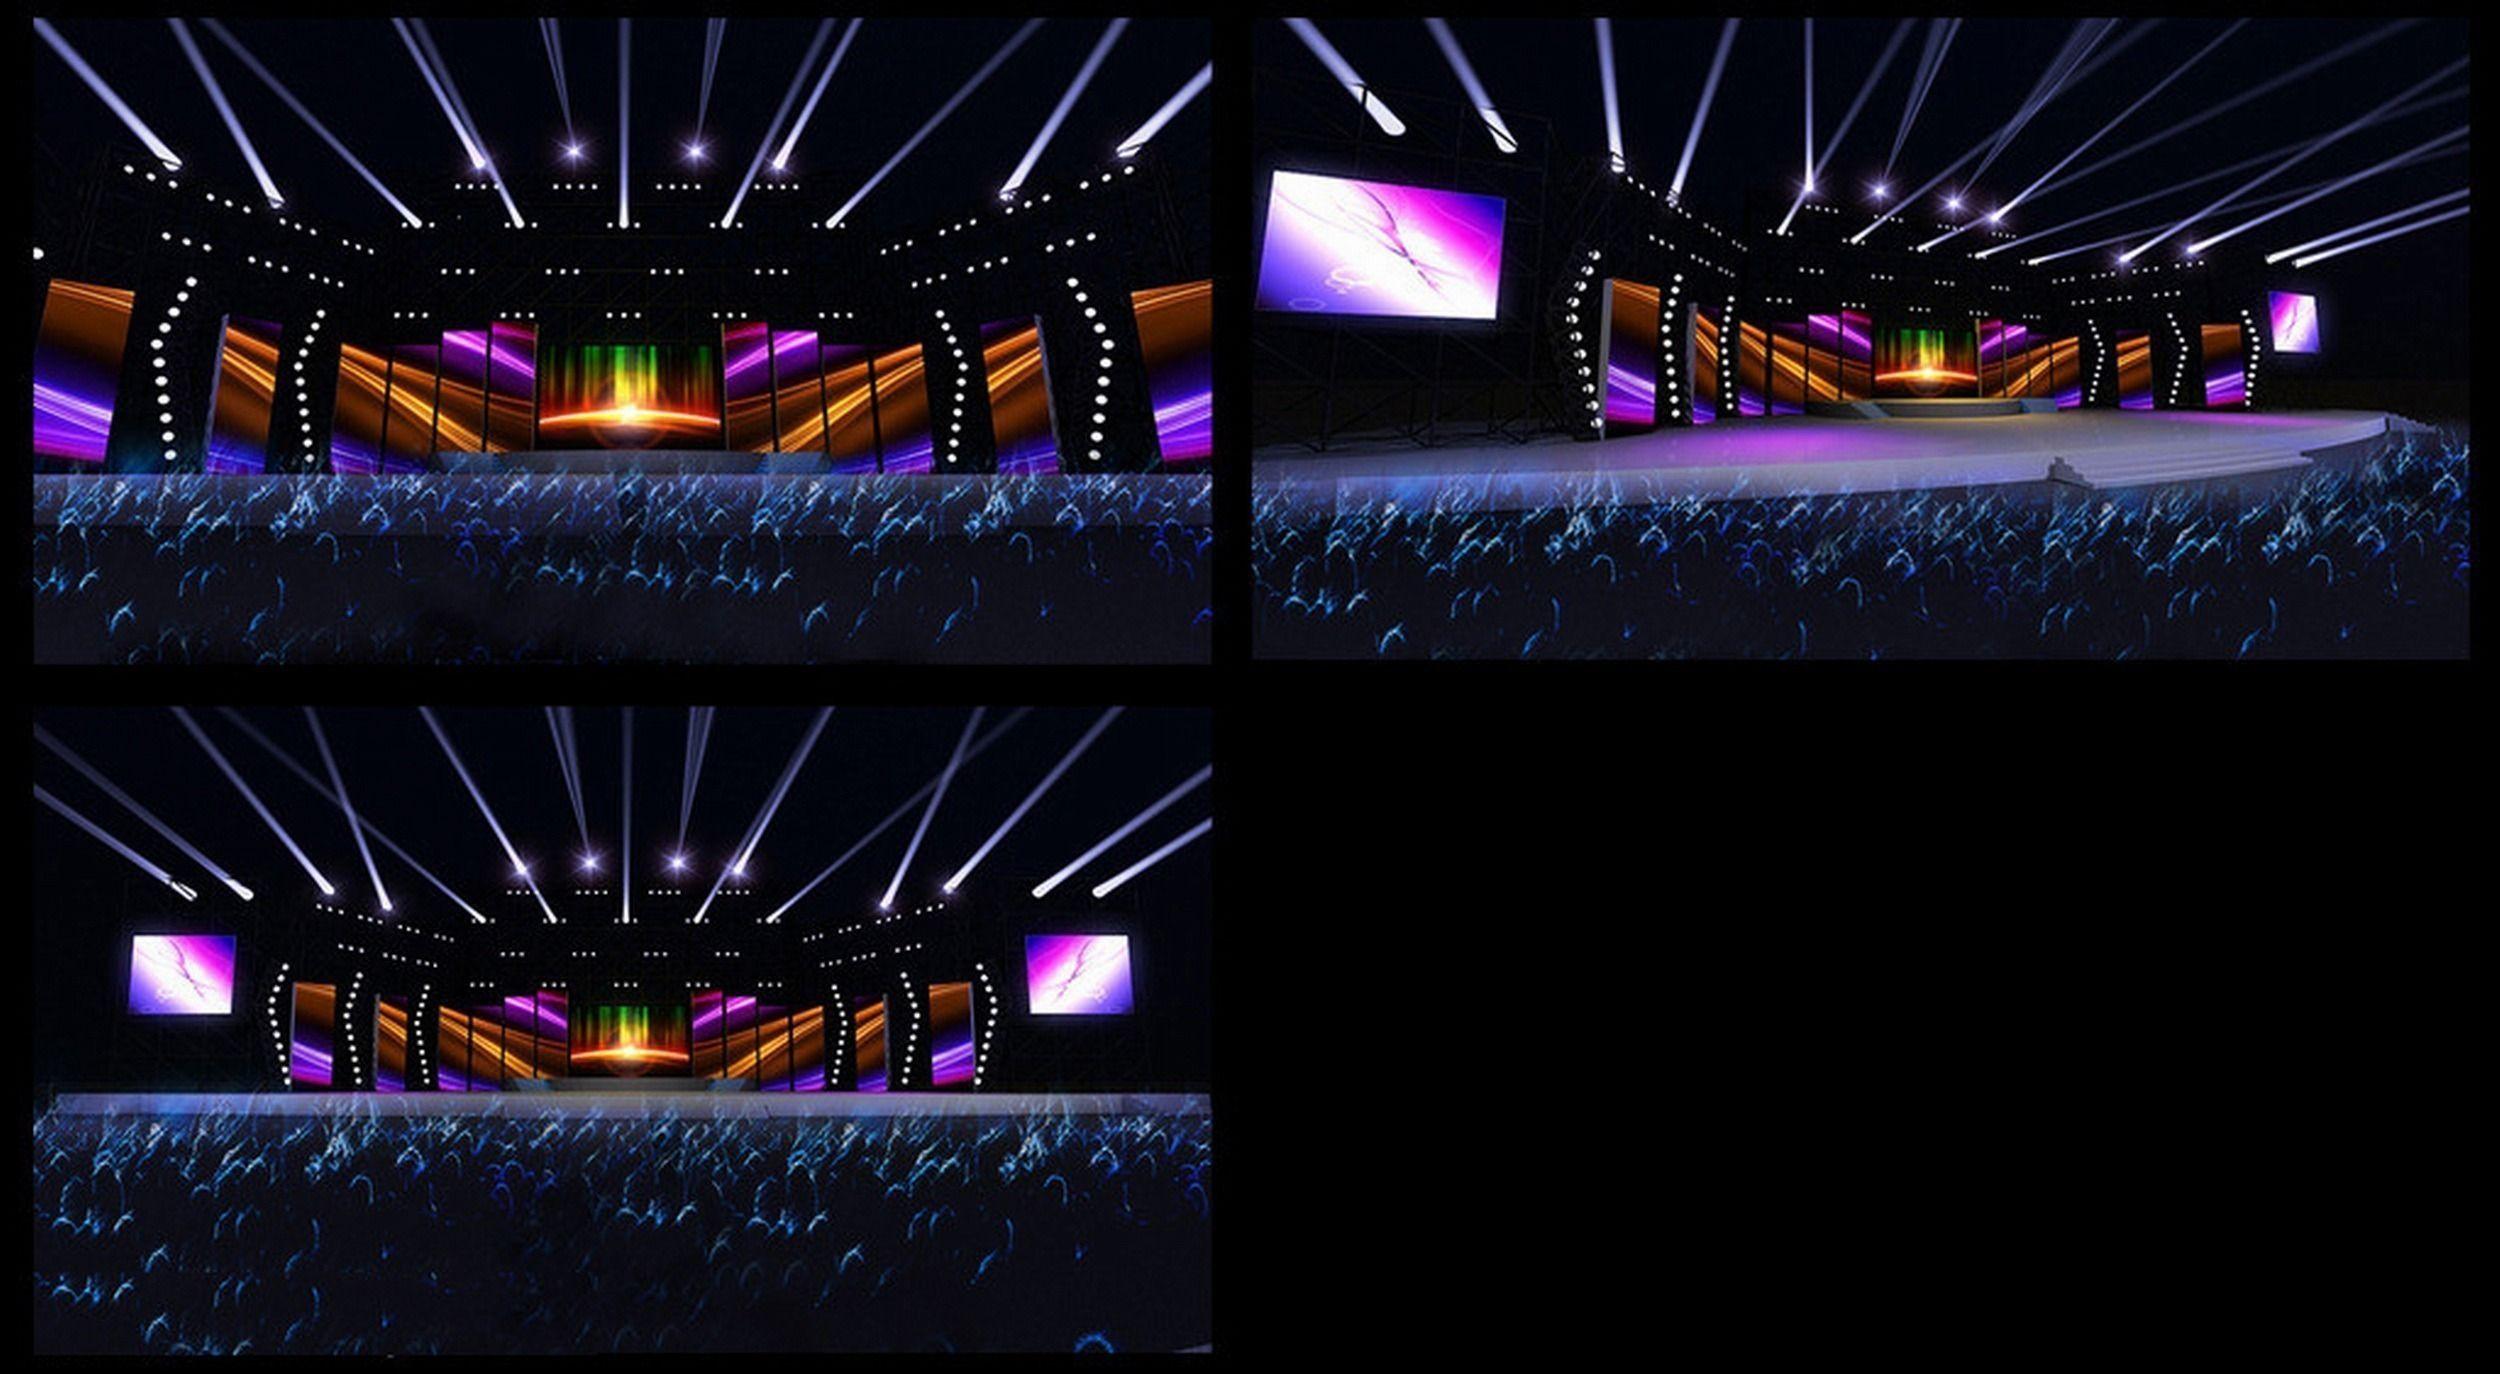 concert stage design 20 3d model max obj mtl cgtradercom